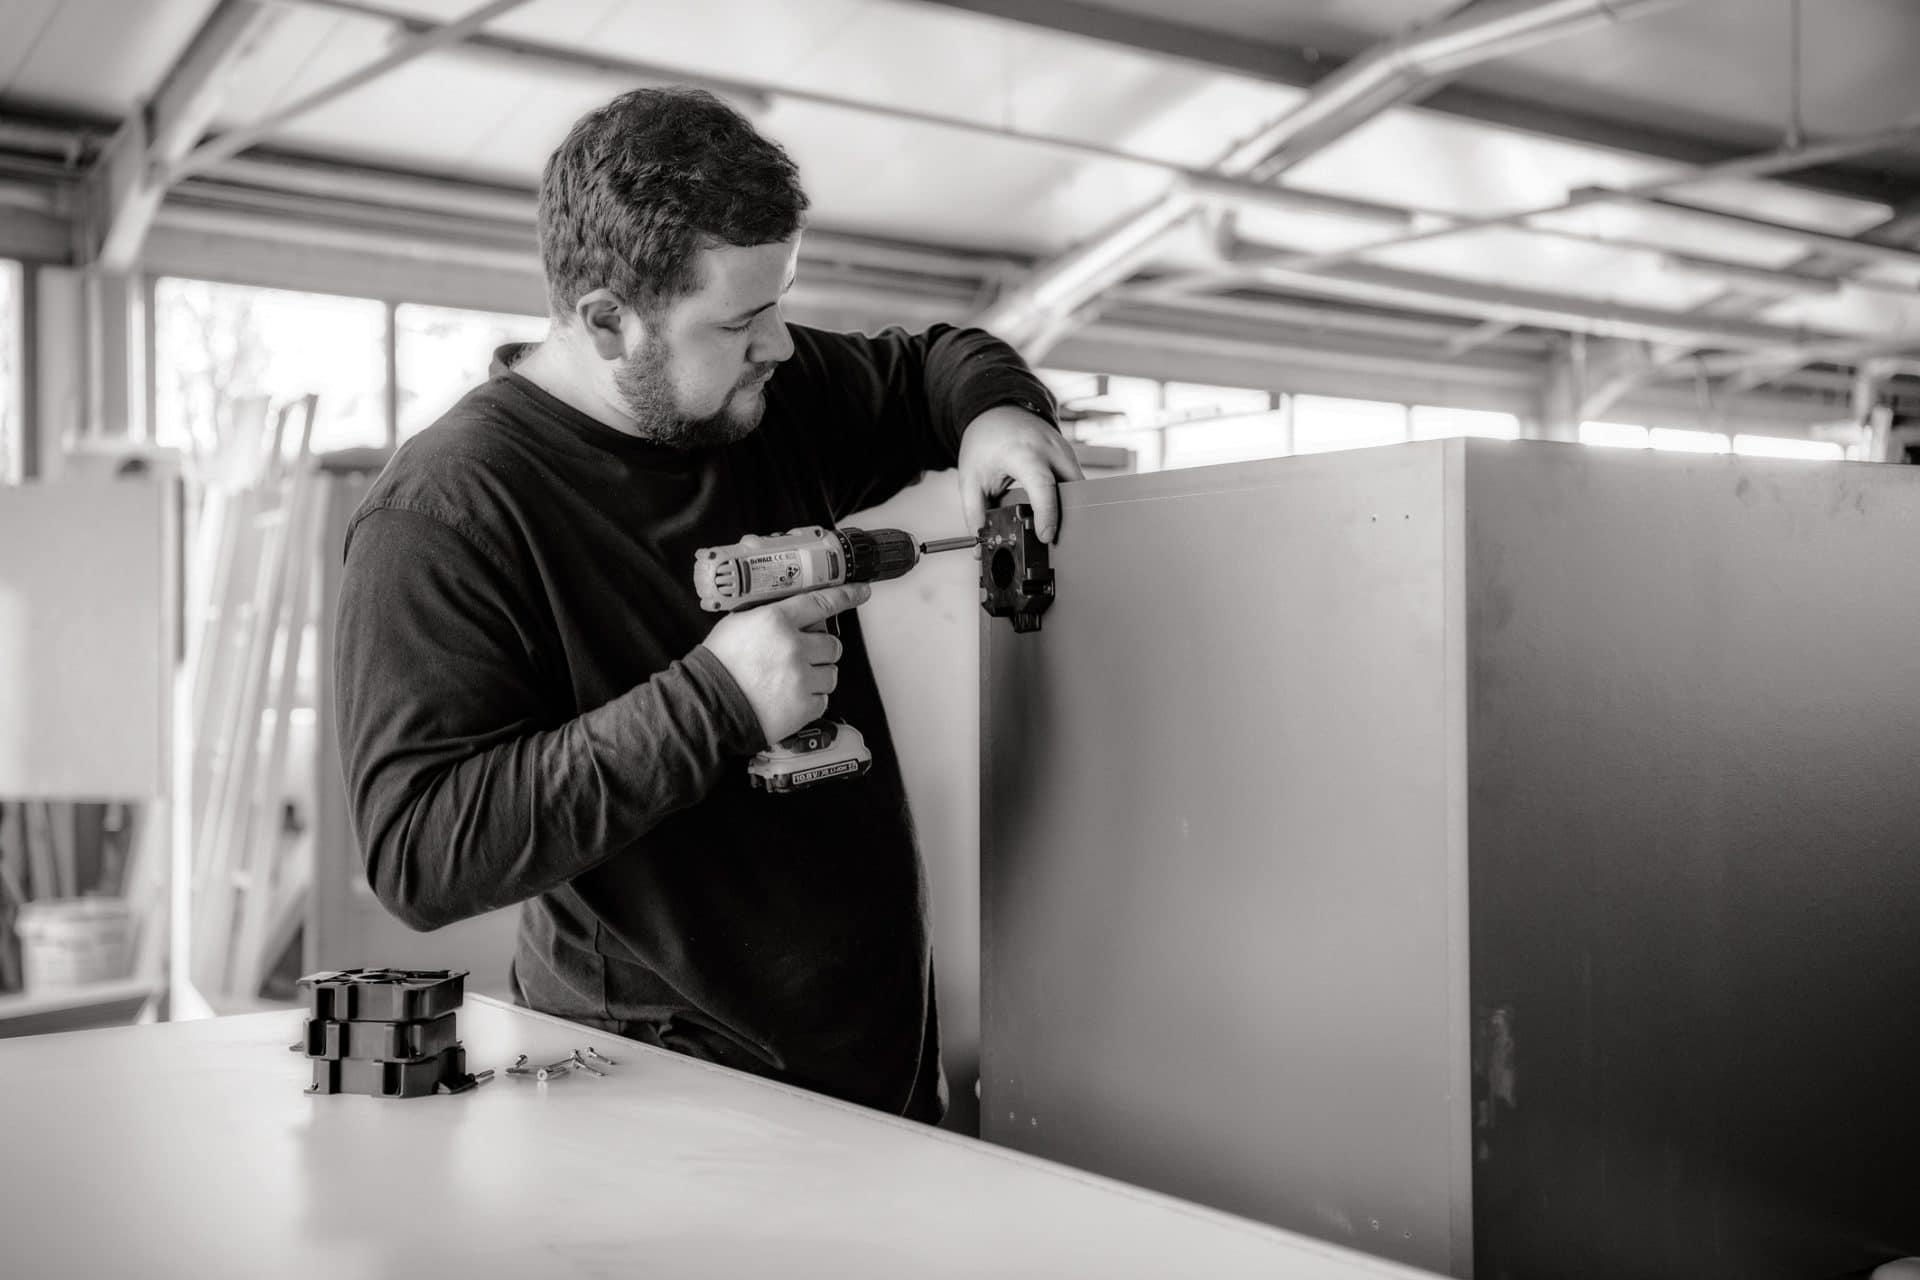 Ein Schreiner montiert Standfüße an ein Werkstück in der Schreinerei VOIT mit einem Akkuschrauber - Bild in schwarz-weiß